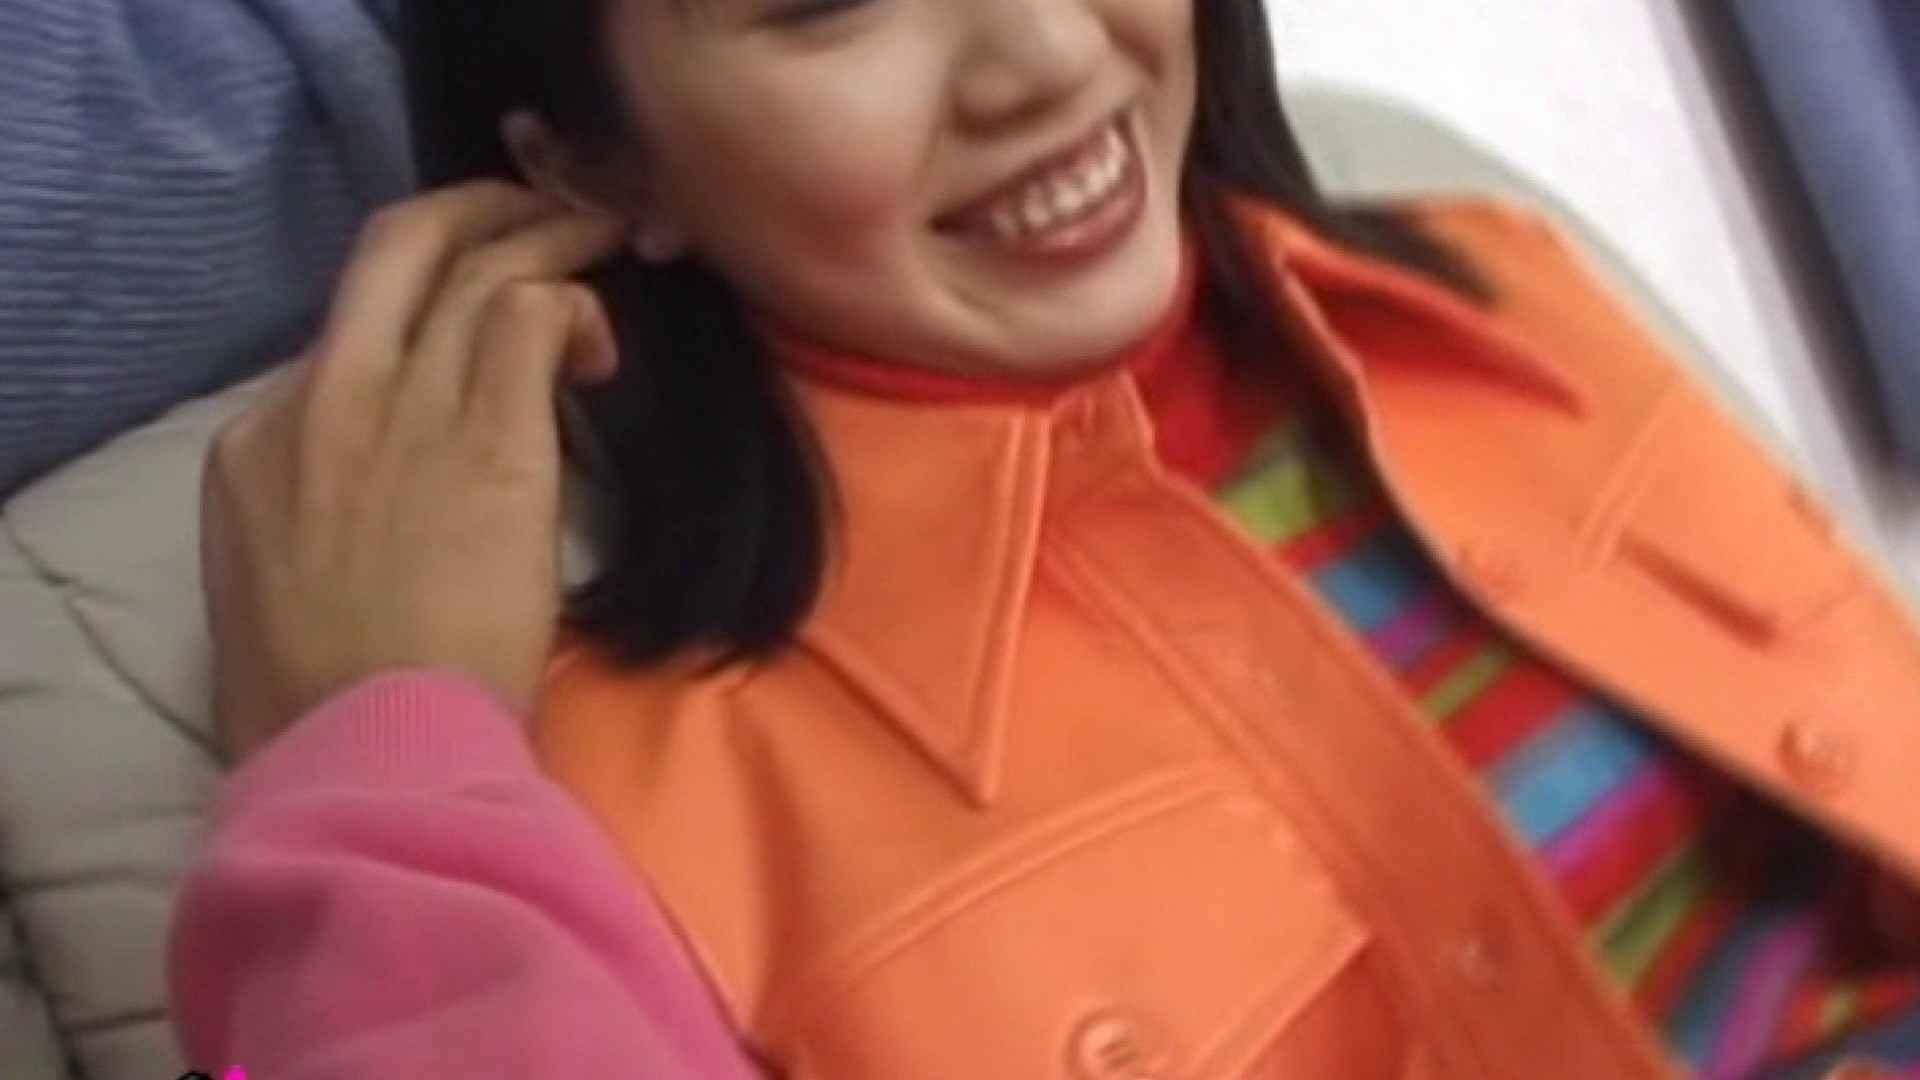 おしえてギャル子のH塾 Vol.42前編 フェラチオ娘 ワレメ動画紹介 101連発 20